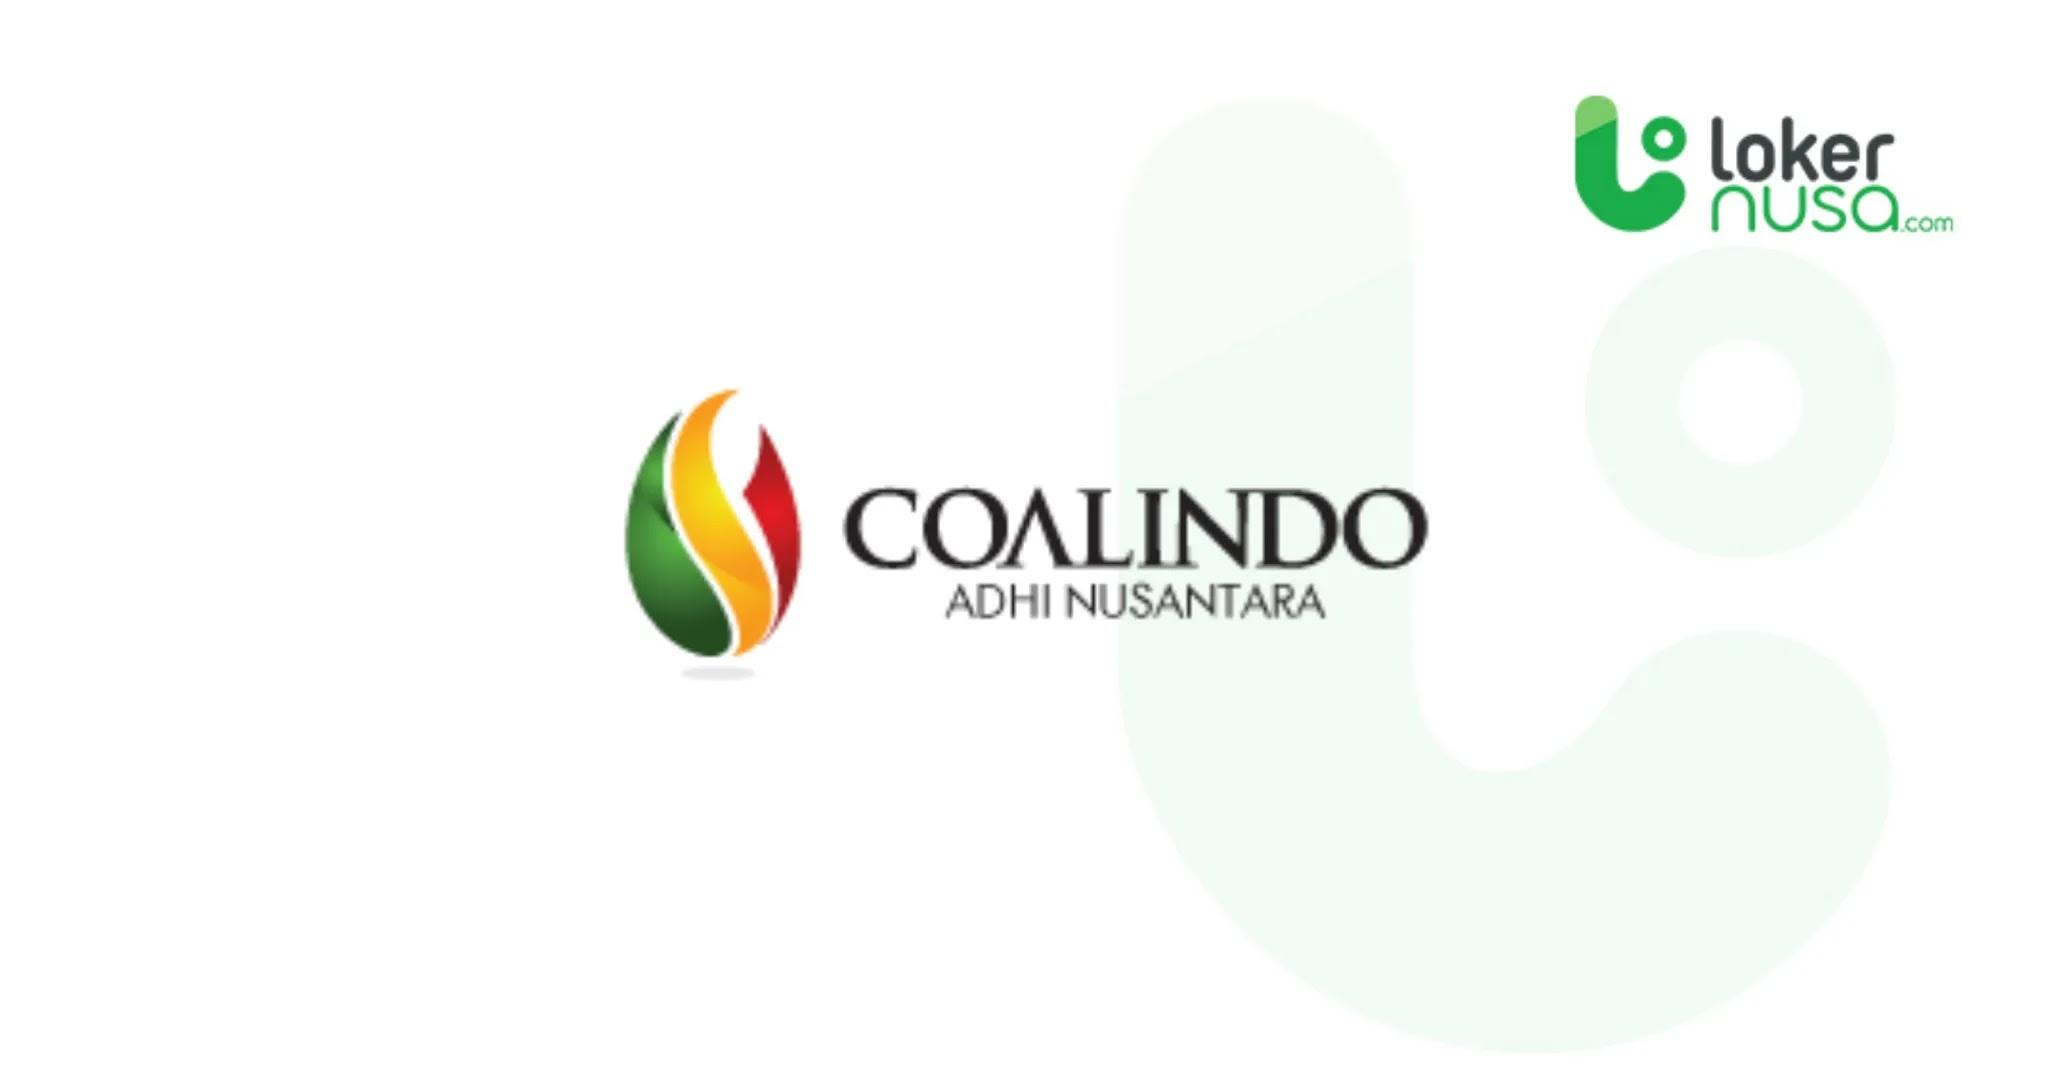 Lowongan kerja tambang terbaru kali ini berasal dari perusahaan PT Coalindo Adhi Nusantara.